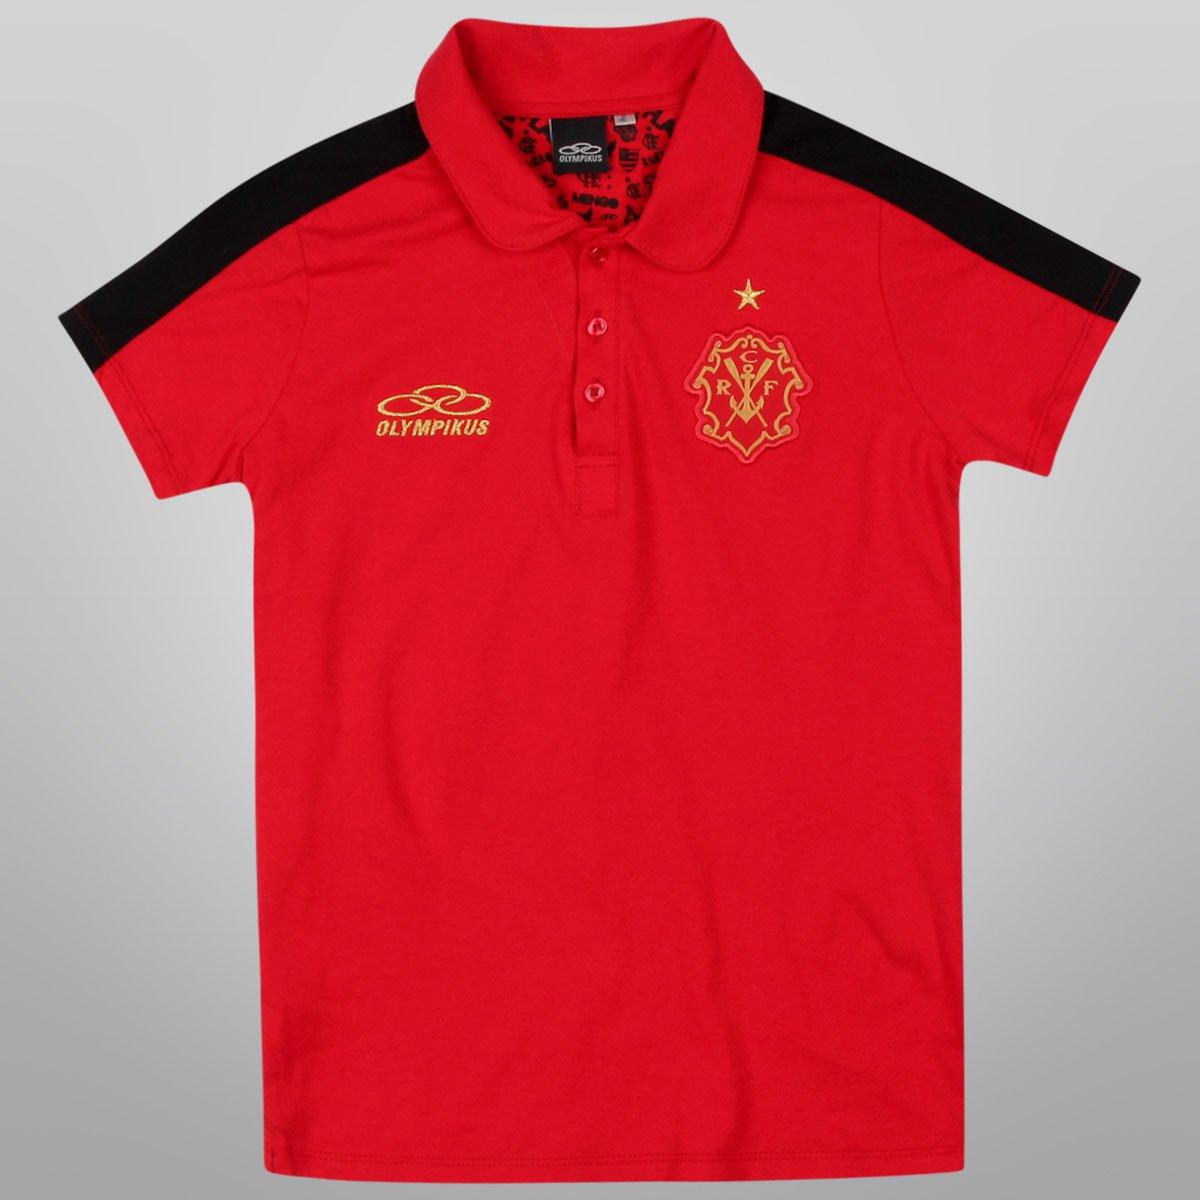 Camisa Polo Olympikus Flamengo Remo Retrô - Compre Agora  29aa340fa3aff